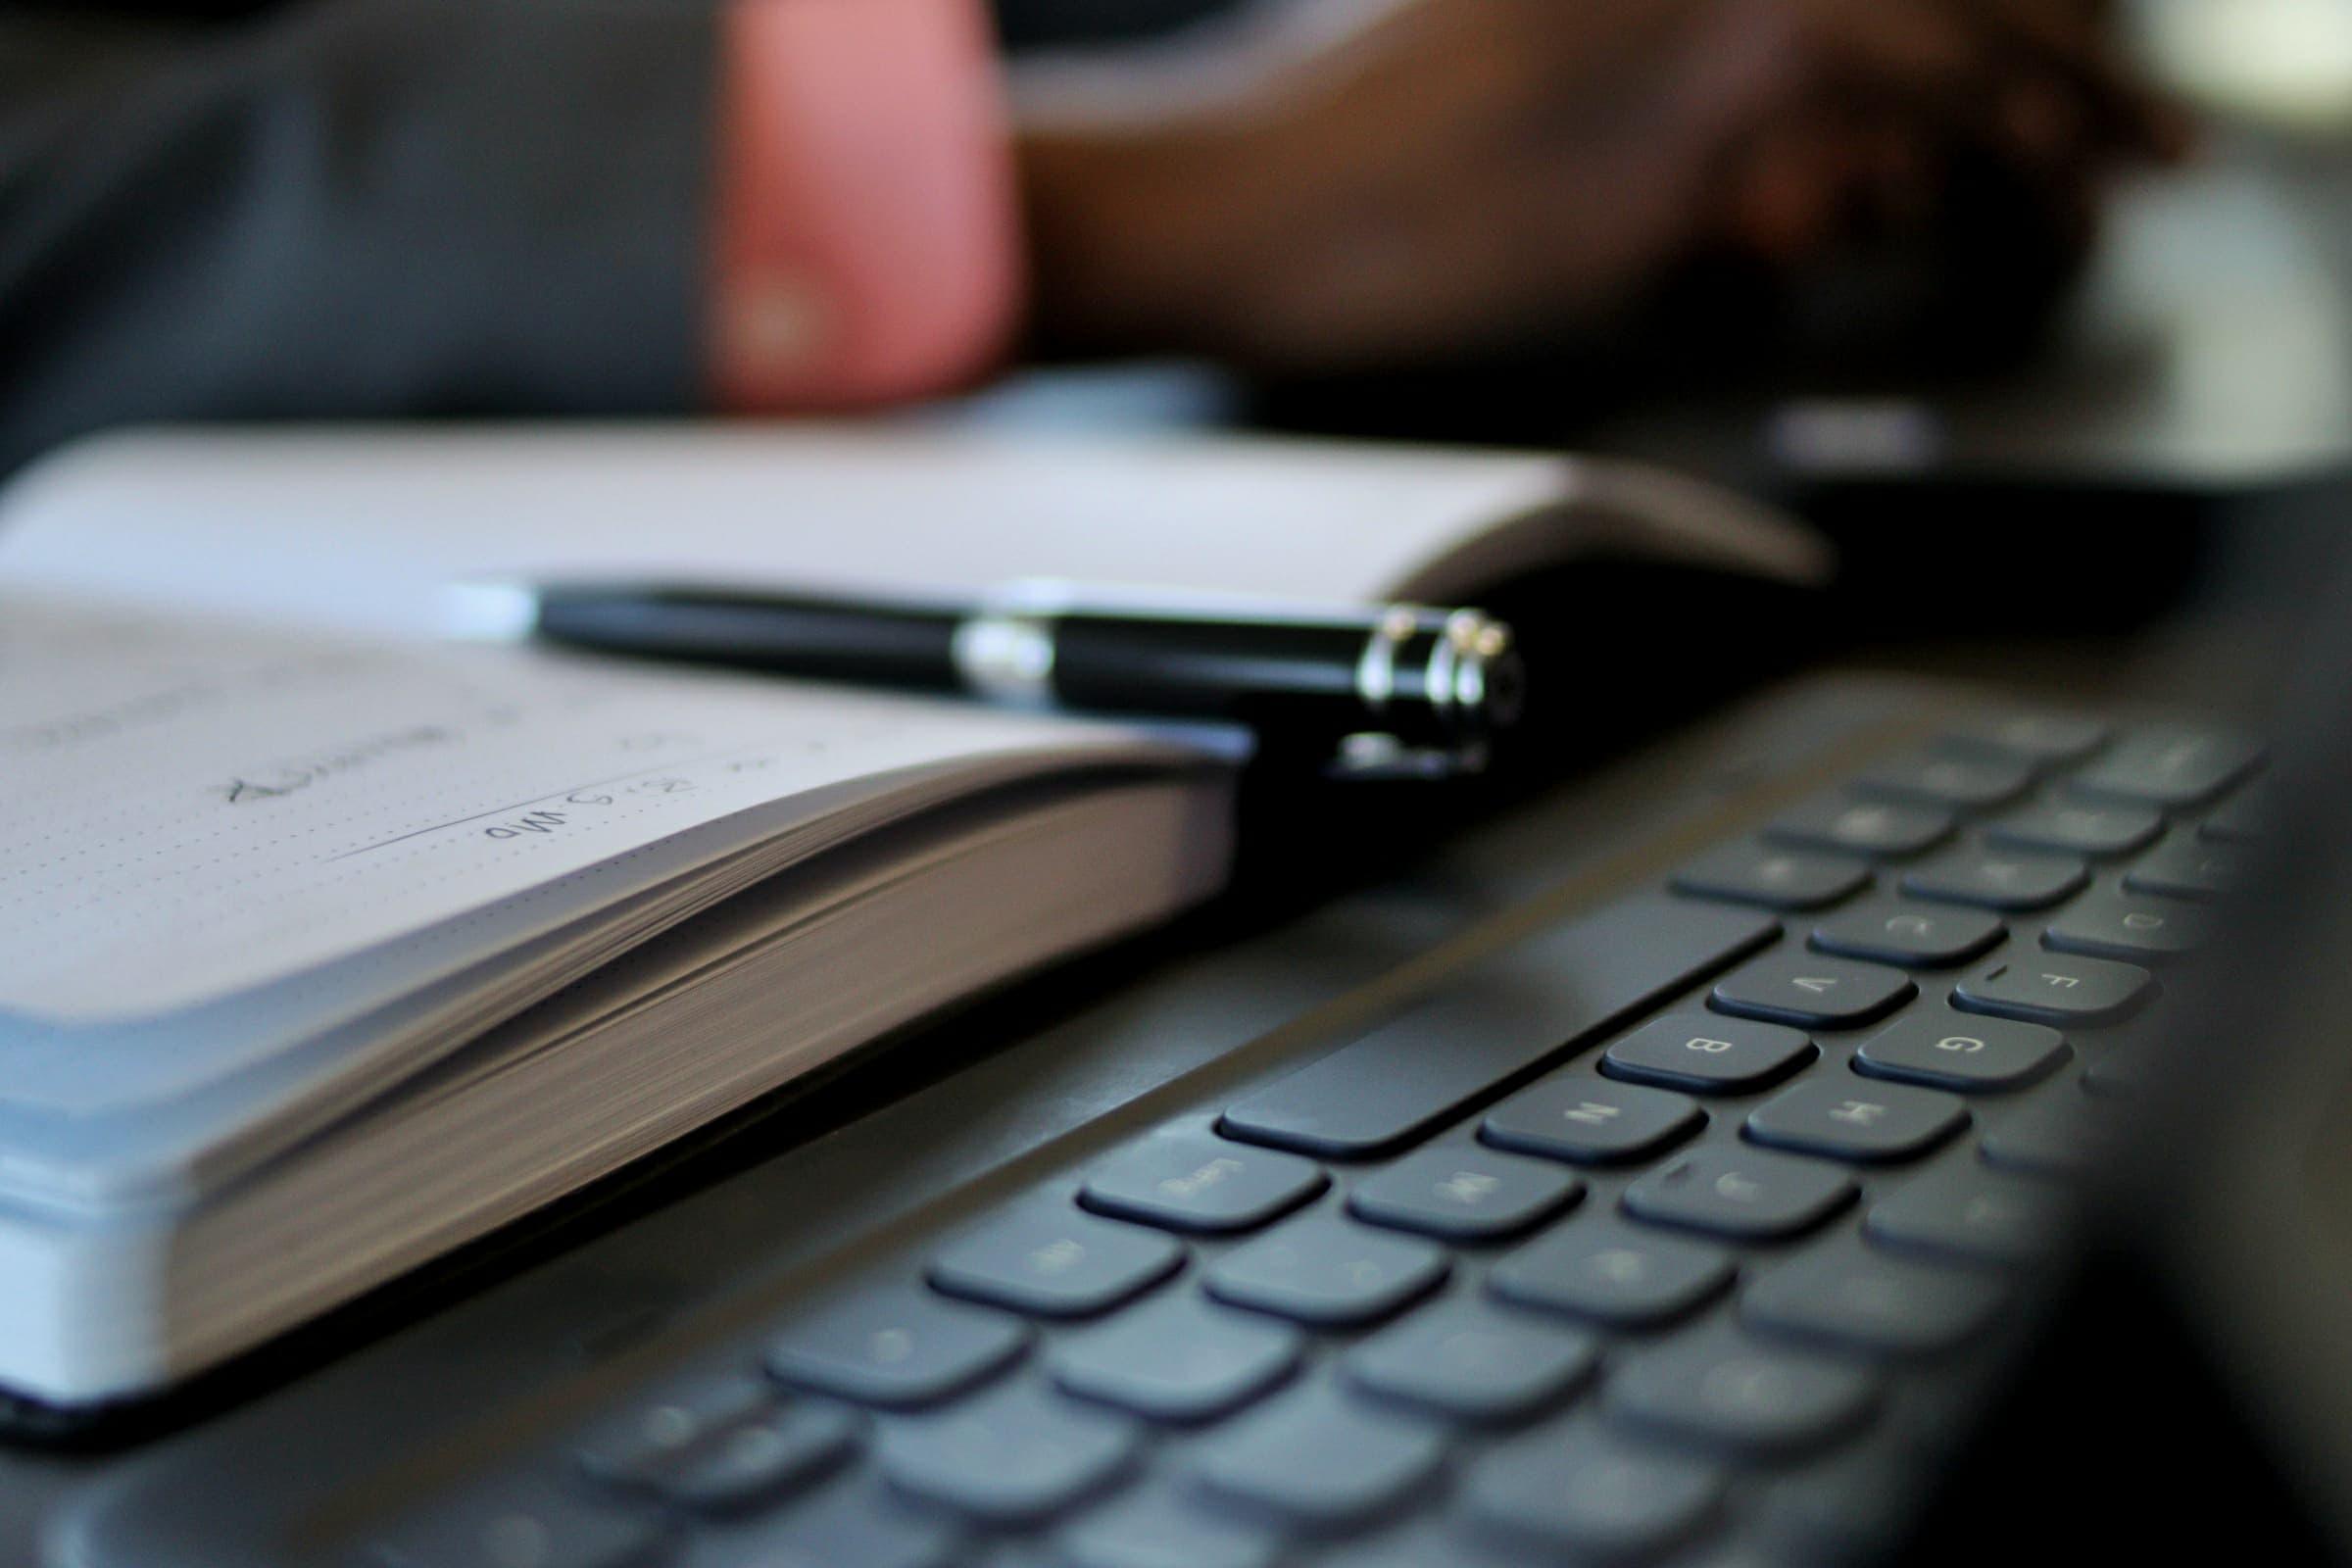 Pen - Keyboard